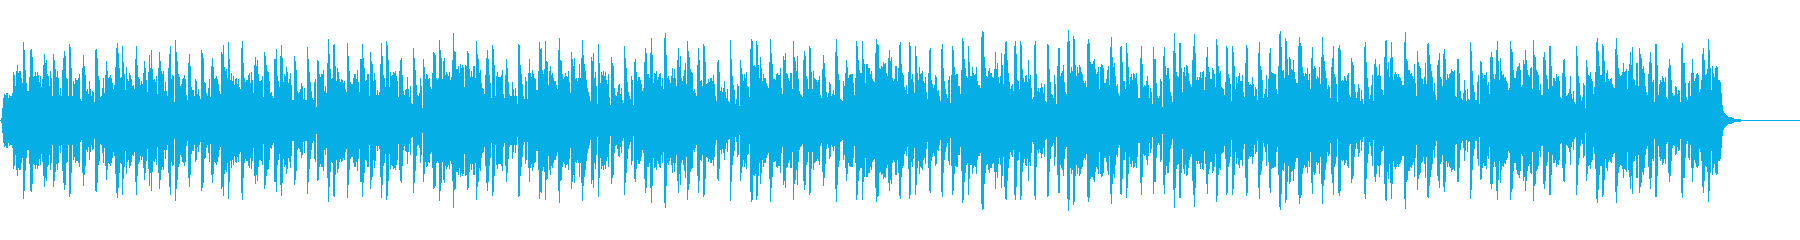 ディスコ・ストリングス・おしゃれの再生済みの波形